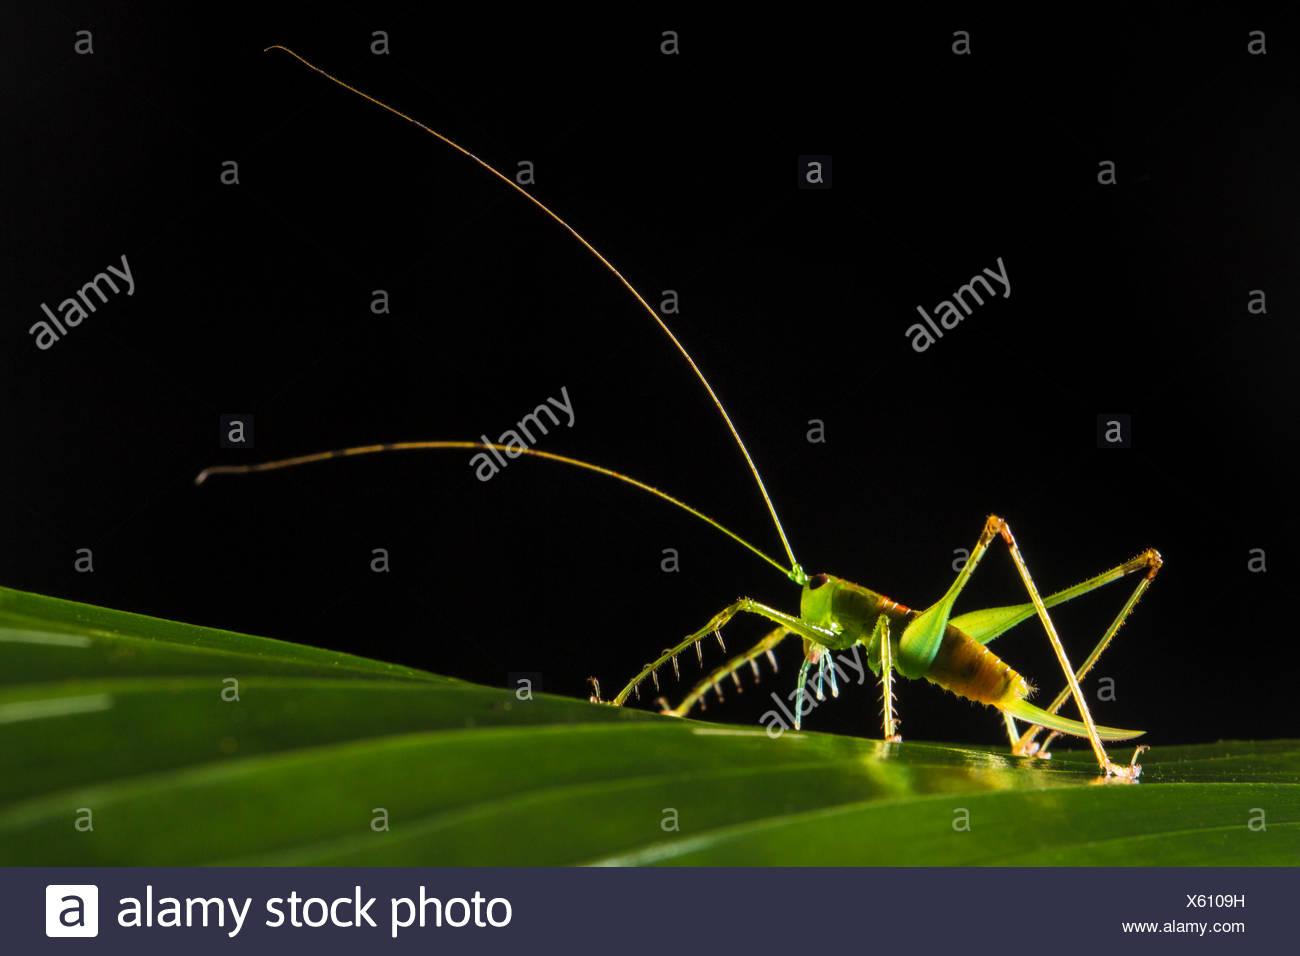 Räuberische Grashuepfer (Tettigoniidae) Hintergrundbeleuchtung nachts mit langen Antennen. Die Halbinsel Osa, Costa Rica. Stockbild